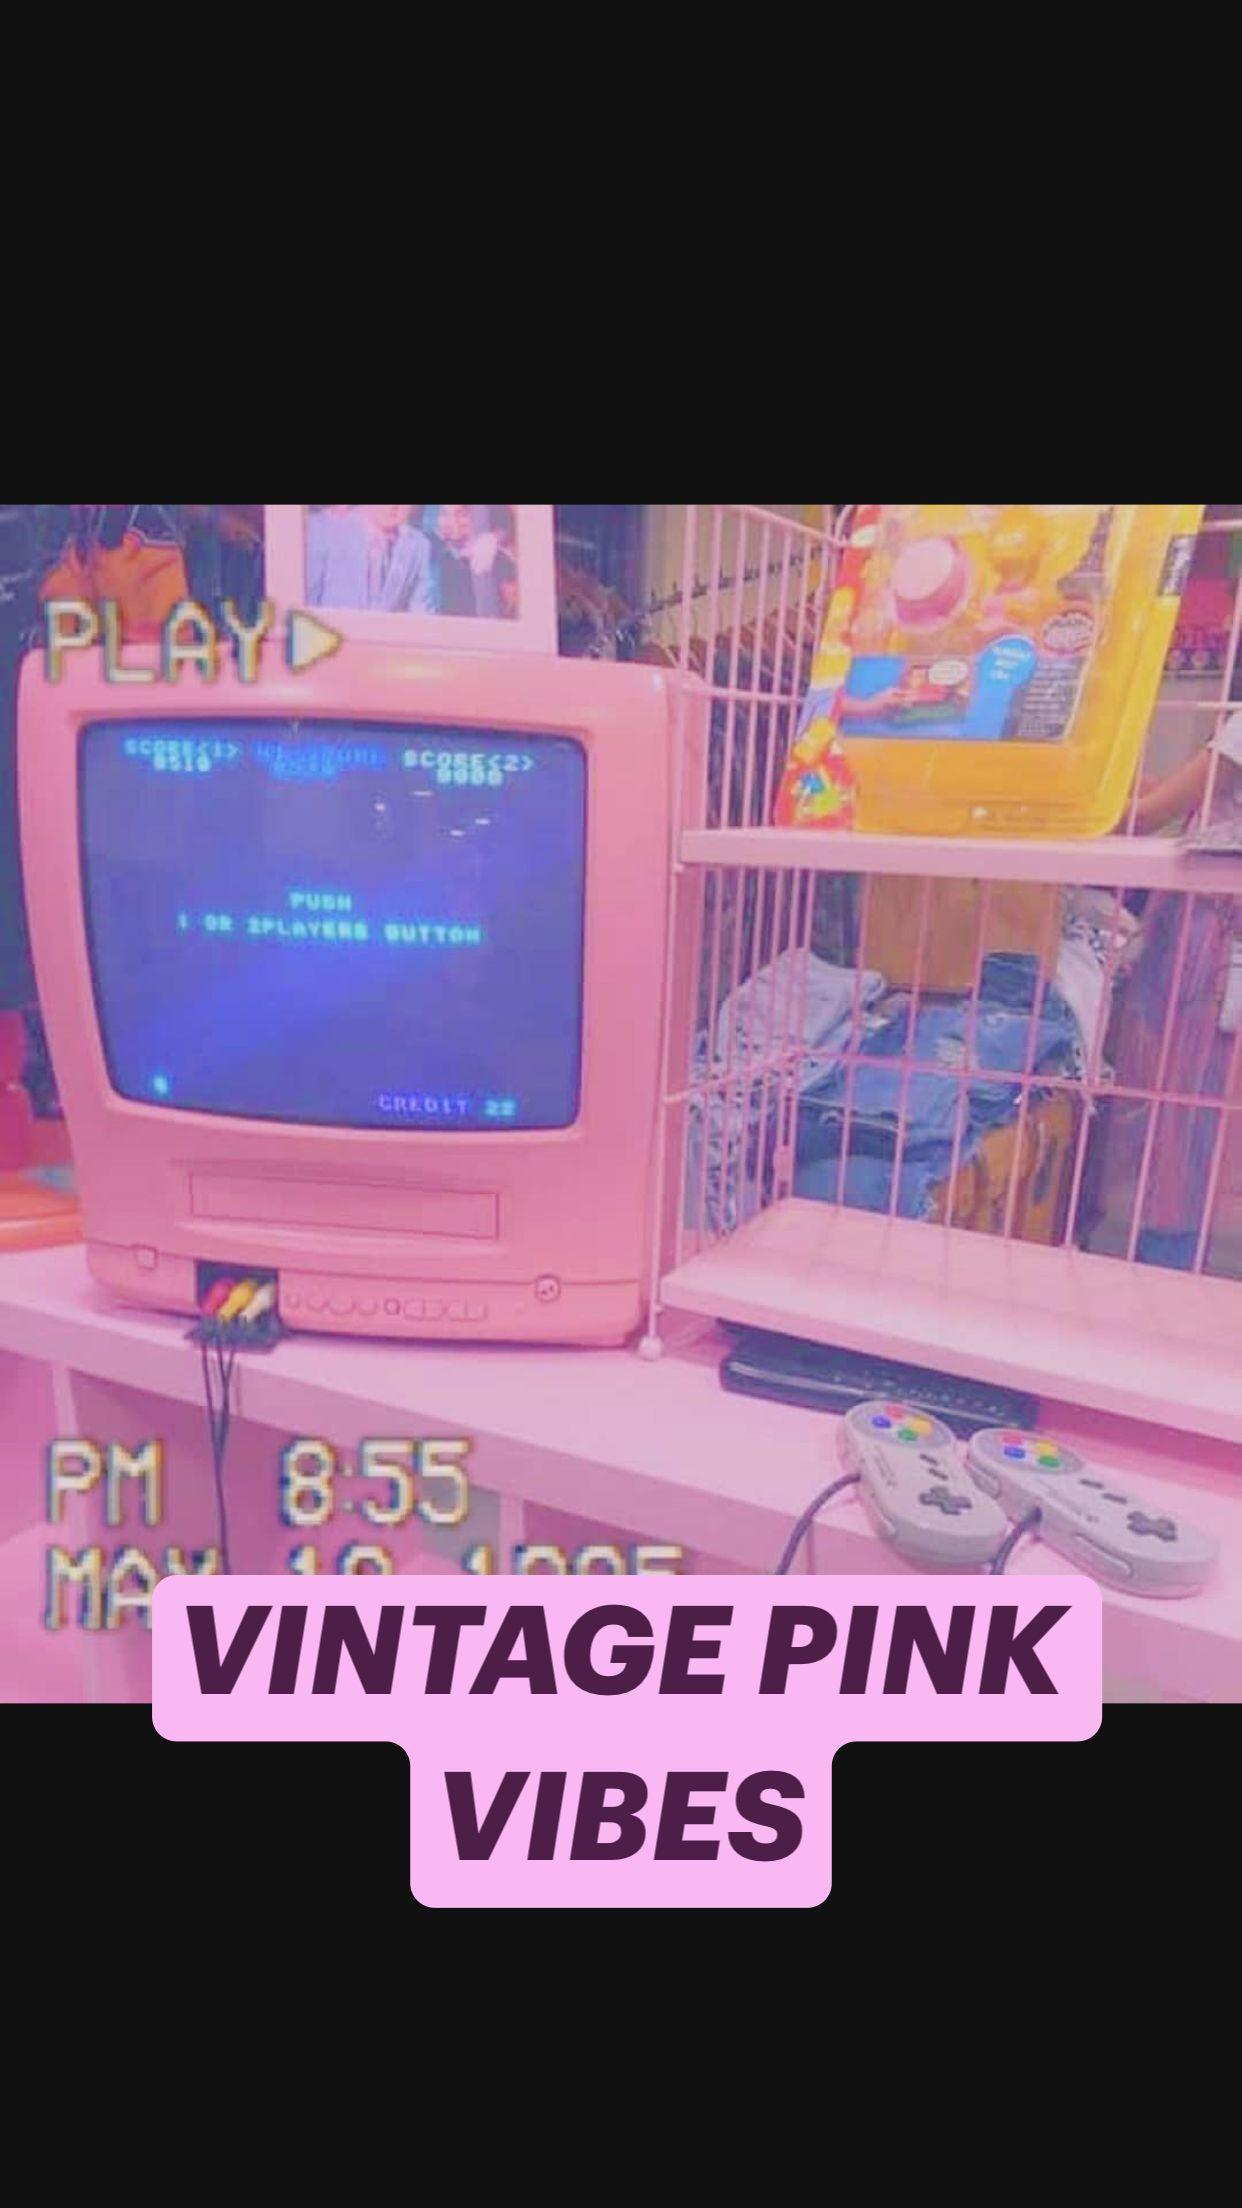 VINTAGE PINK VIBES